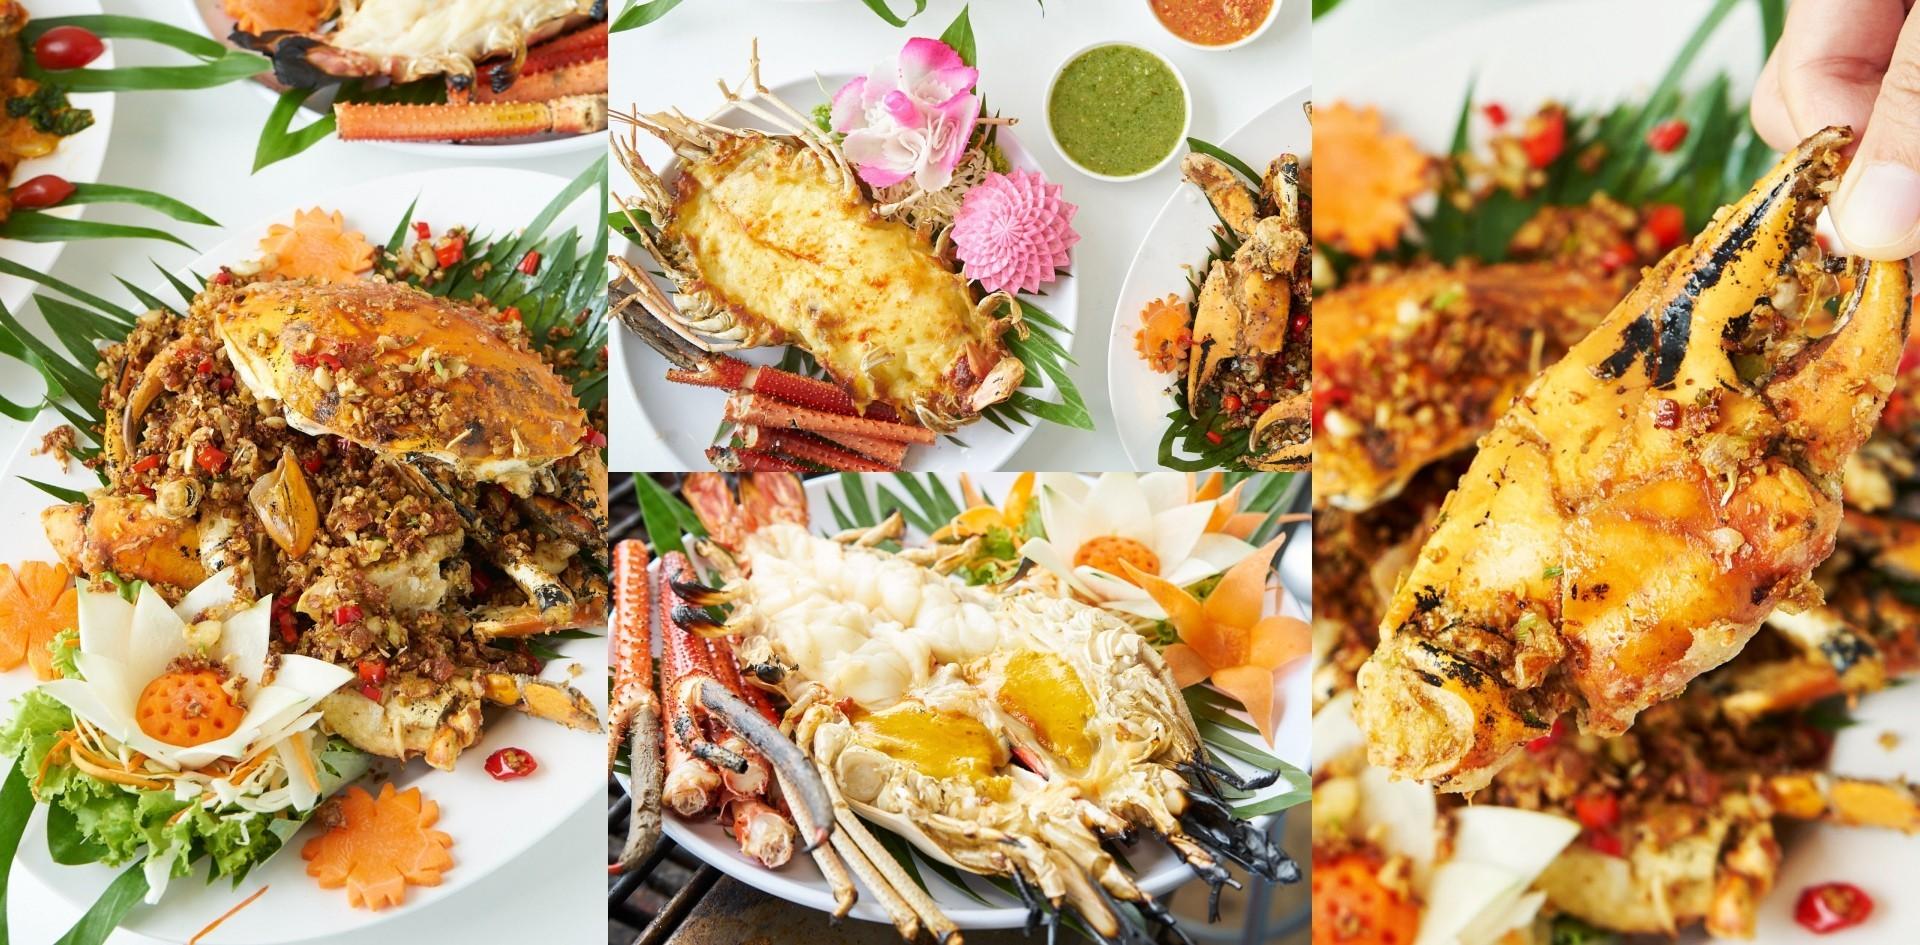 [รีวิว] อุดม ซีฟู้ด ร้านอาหารทะเลพระราม 2 - บางขุนเทียน สดจากเทียนทะเล